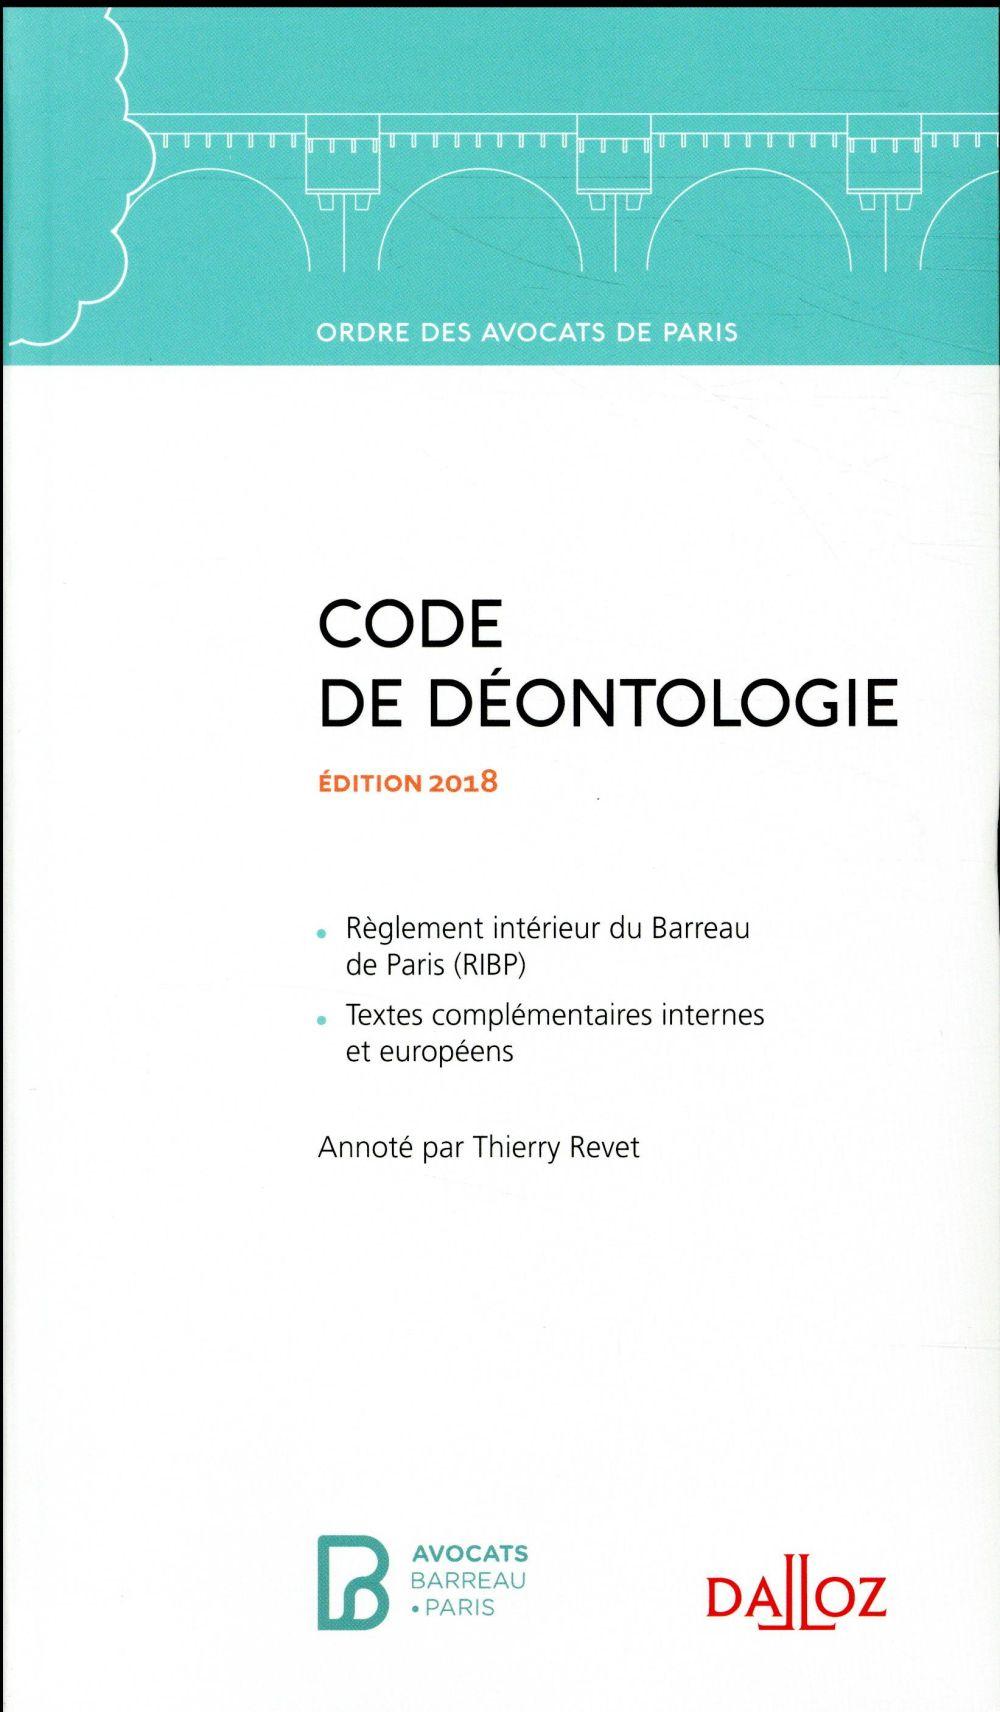 Code de déontologie de l'ODAP (édition 2018)